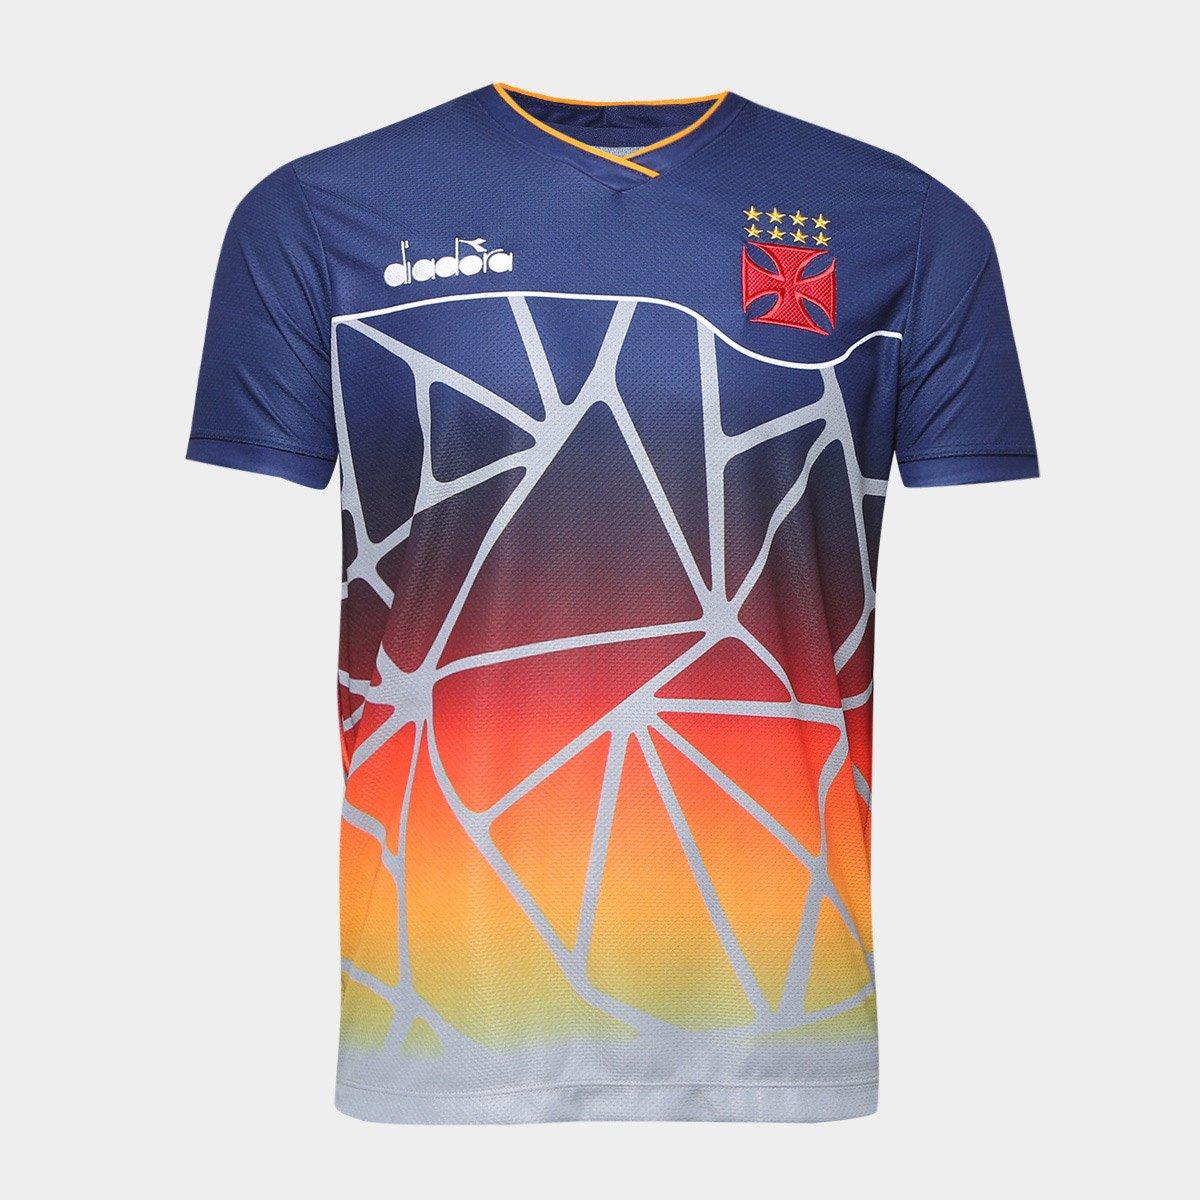 Camisa Vasco Treino 2018 Atleta Diadora Masculina - Compre Agora ... 40aba774eee99